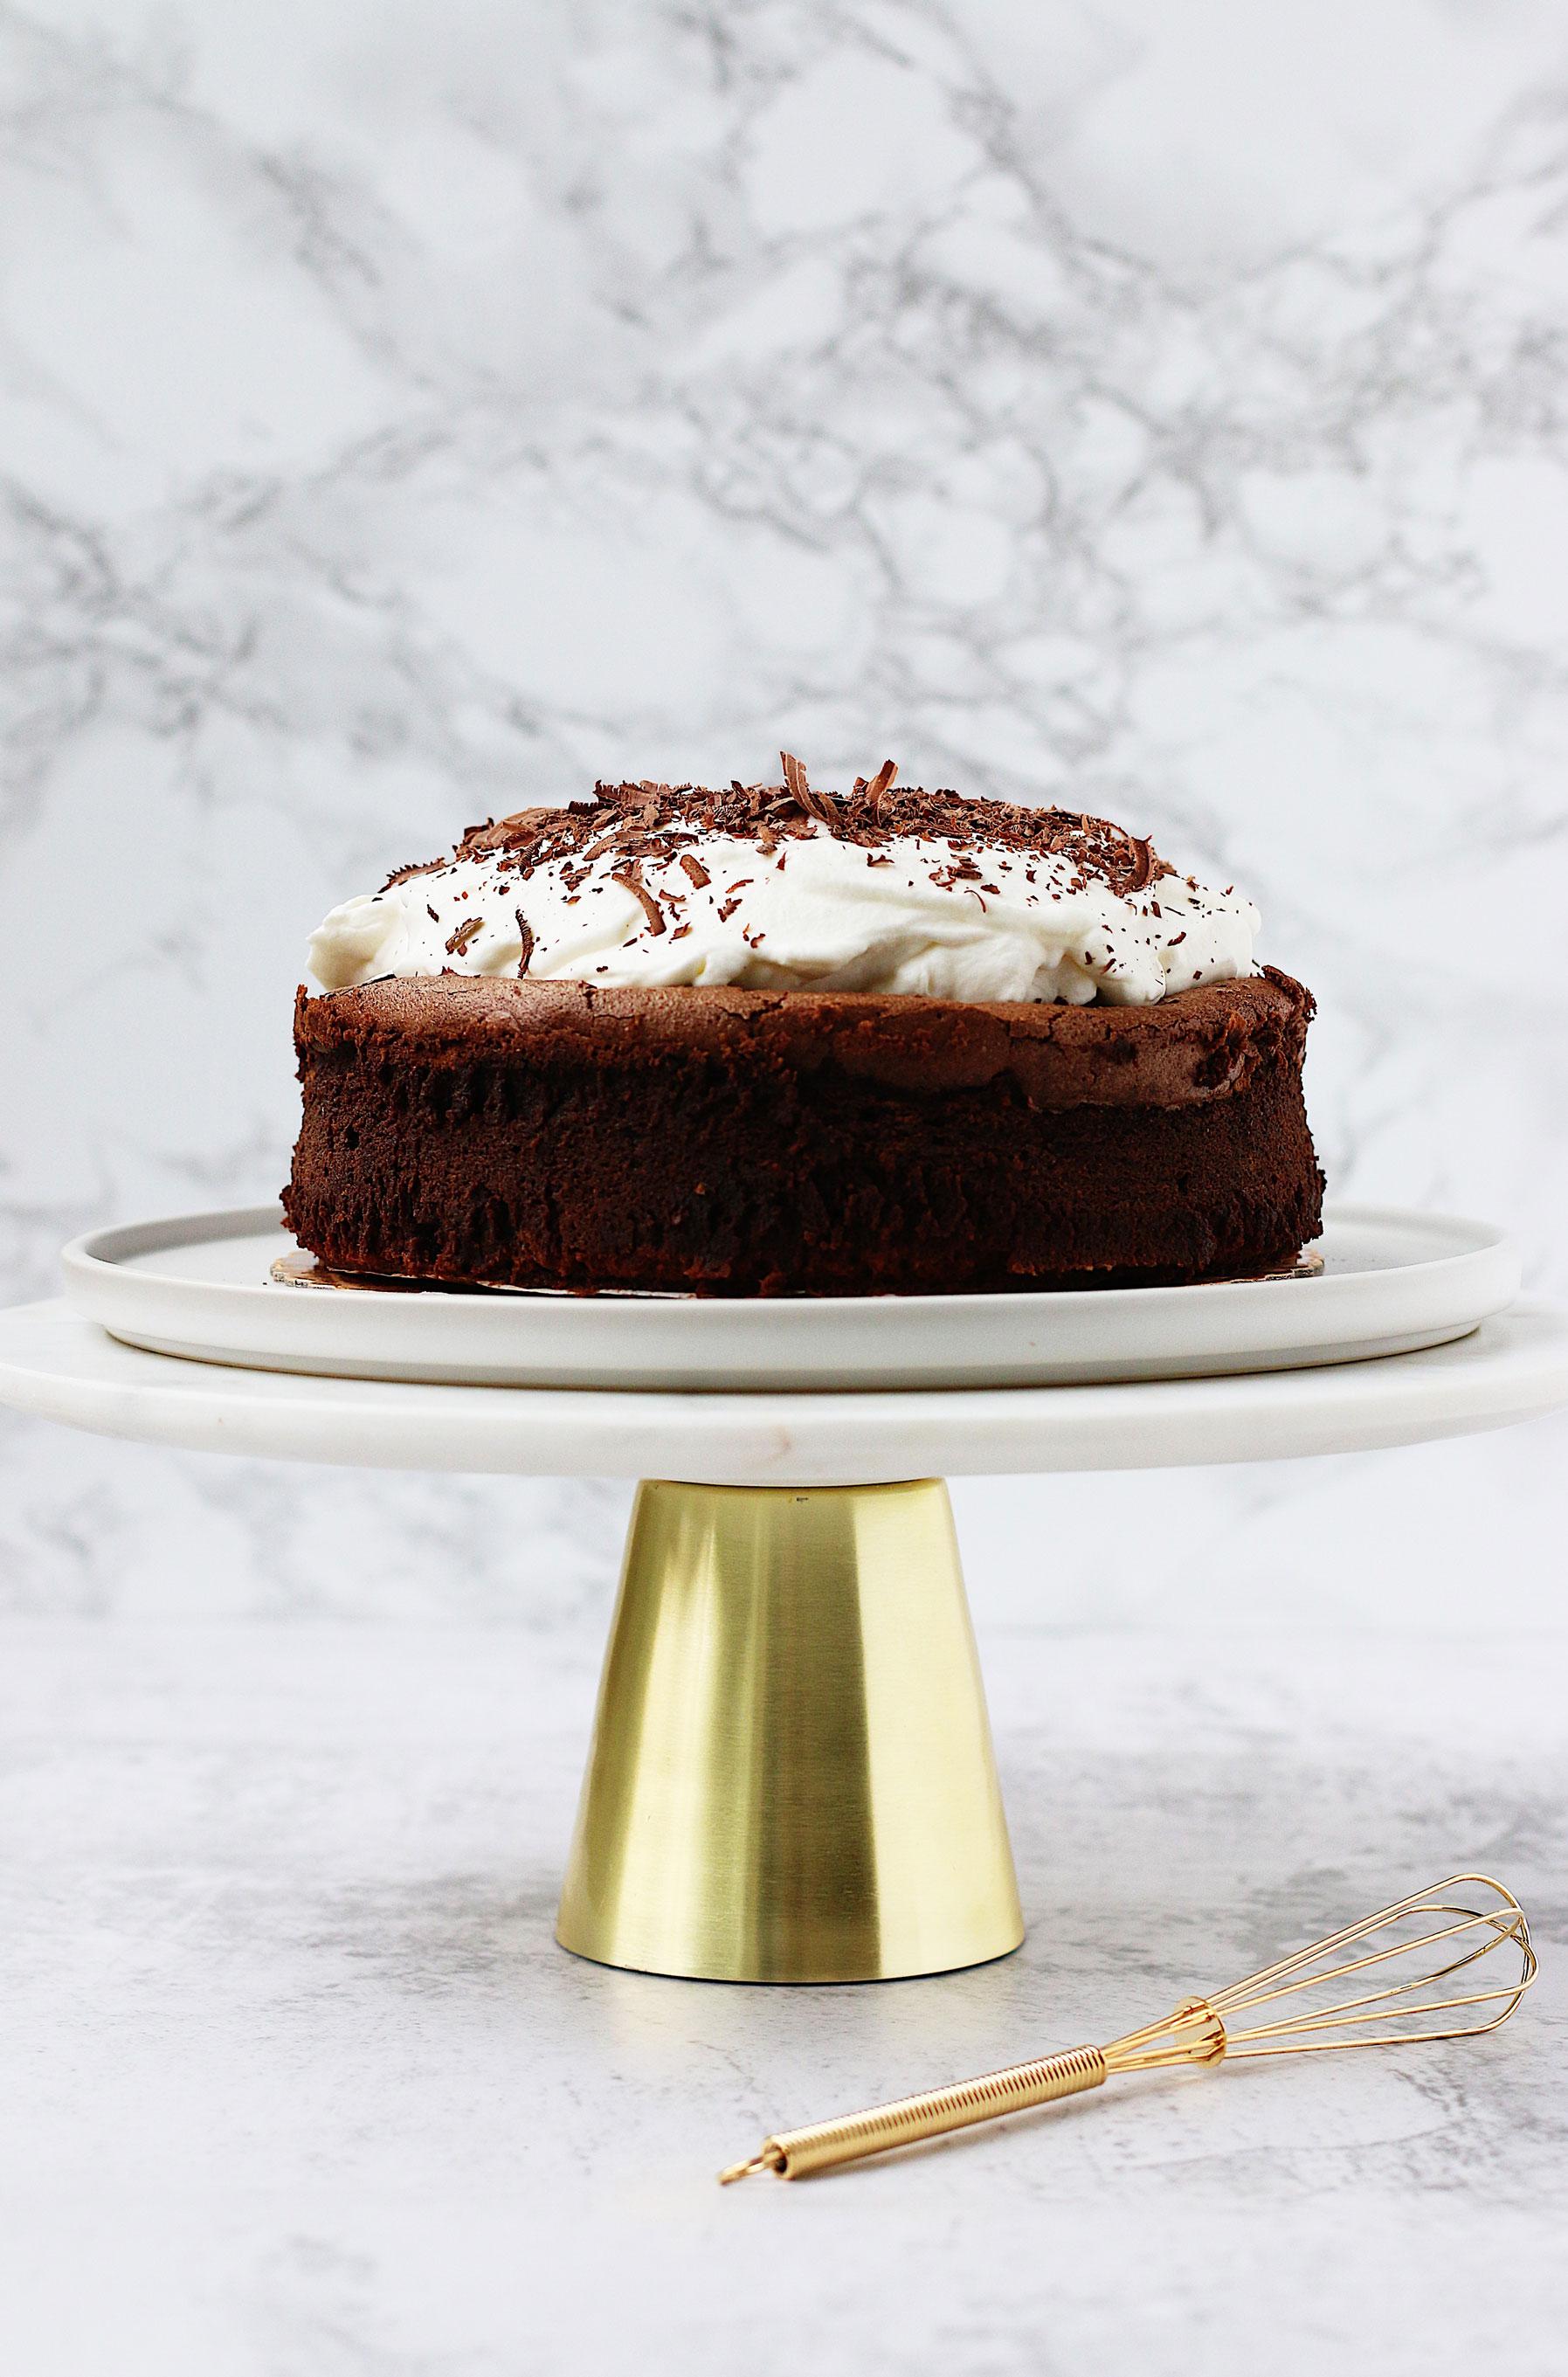 f52-genius-dessert-chocolate-cloud-cake